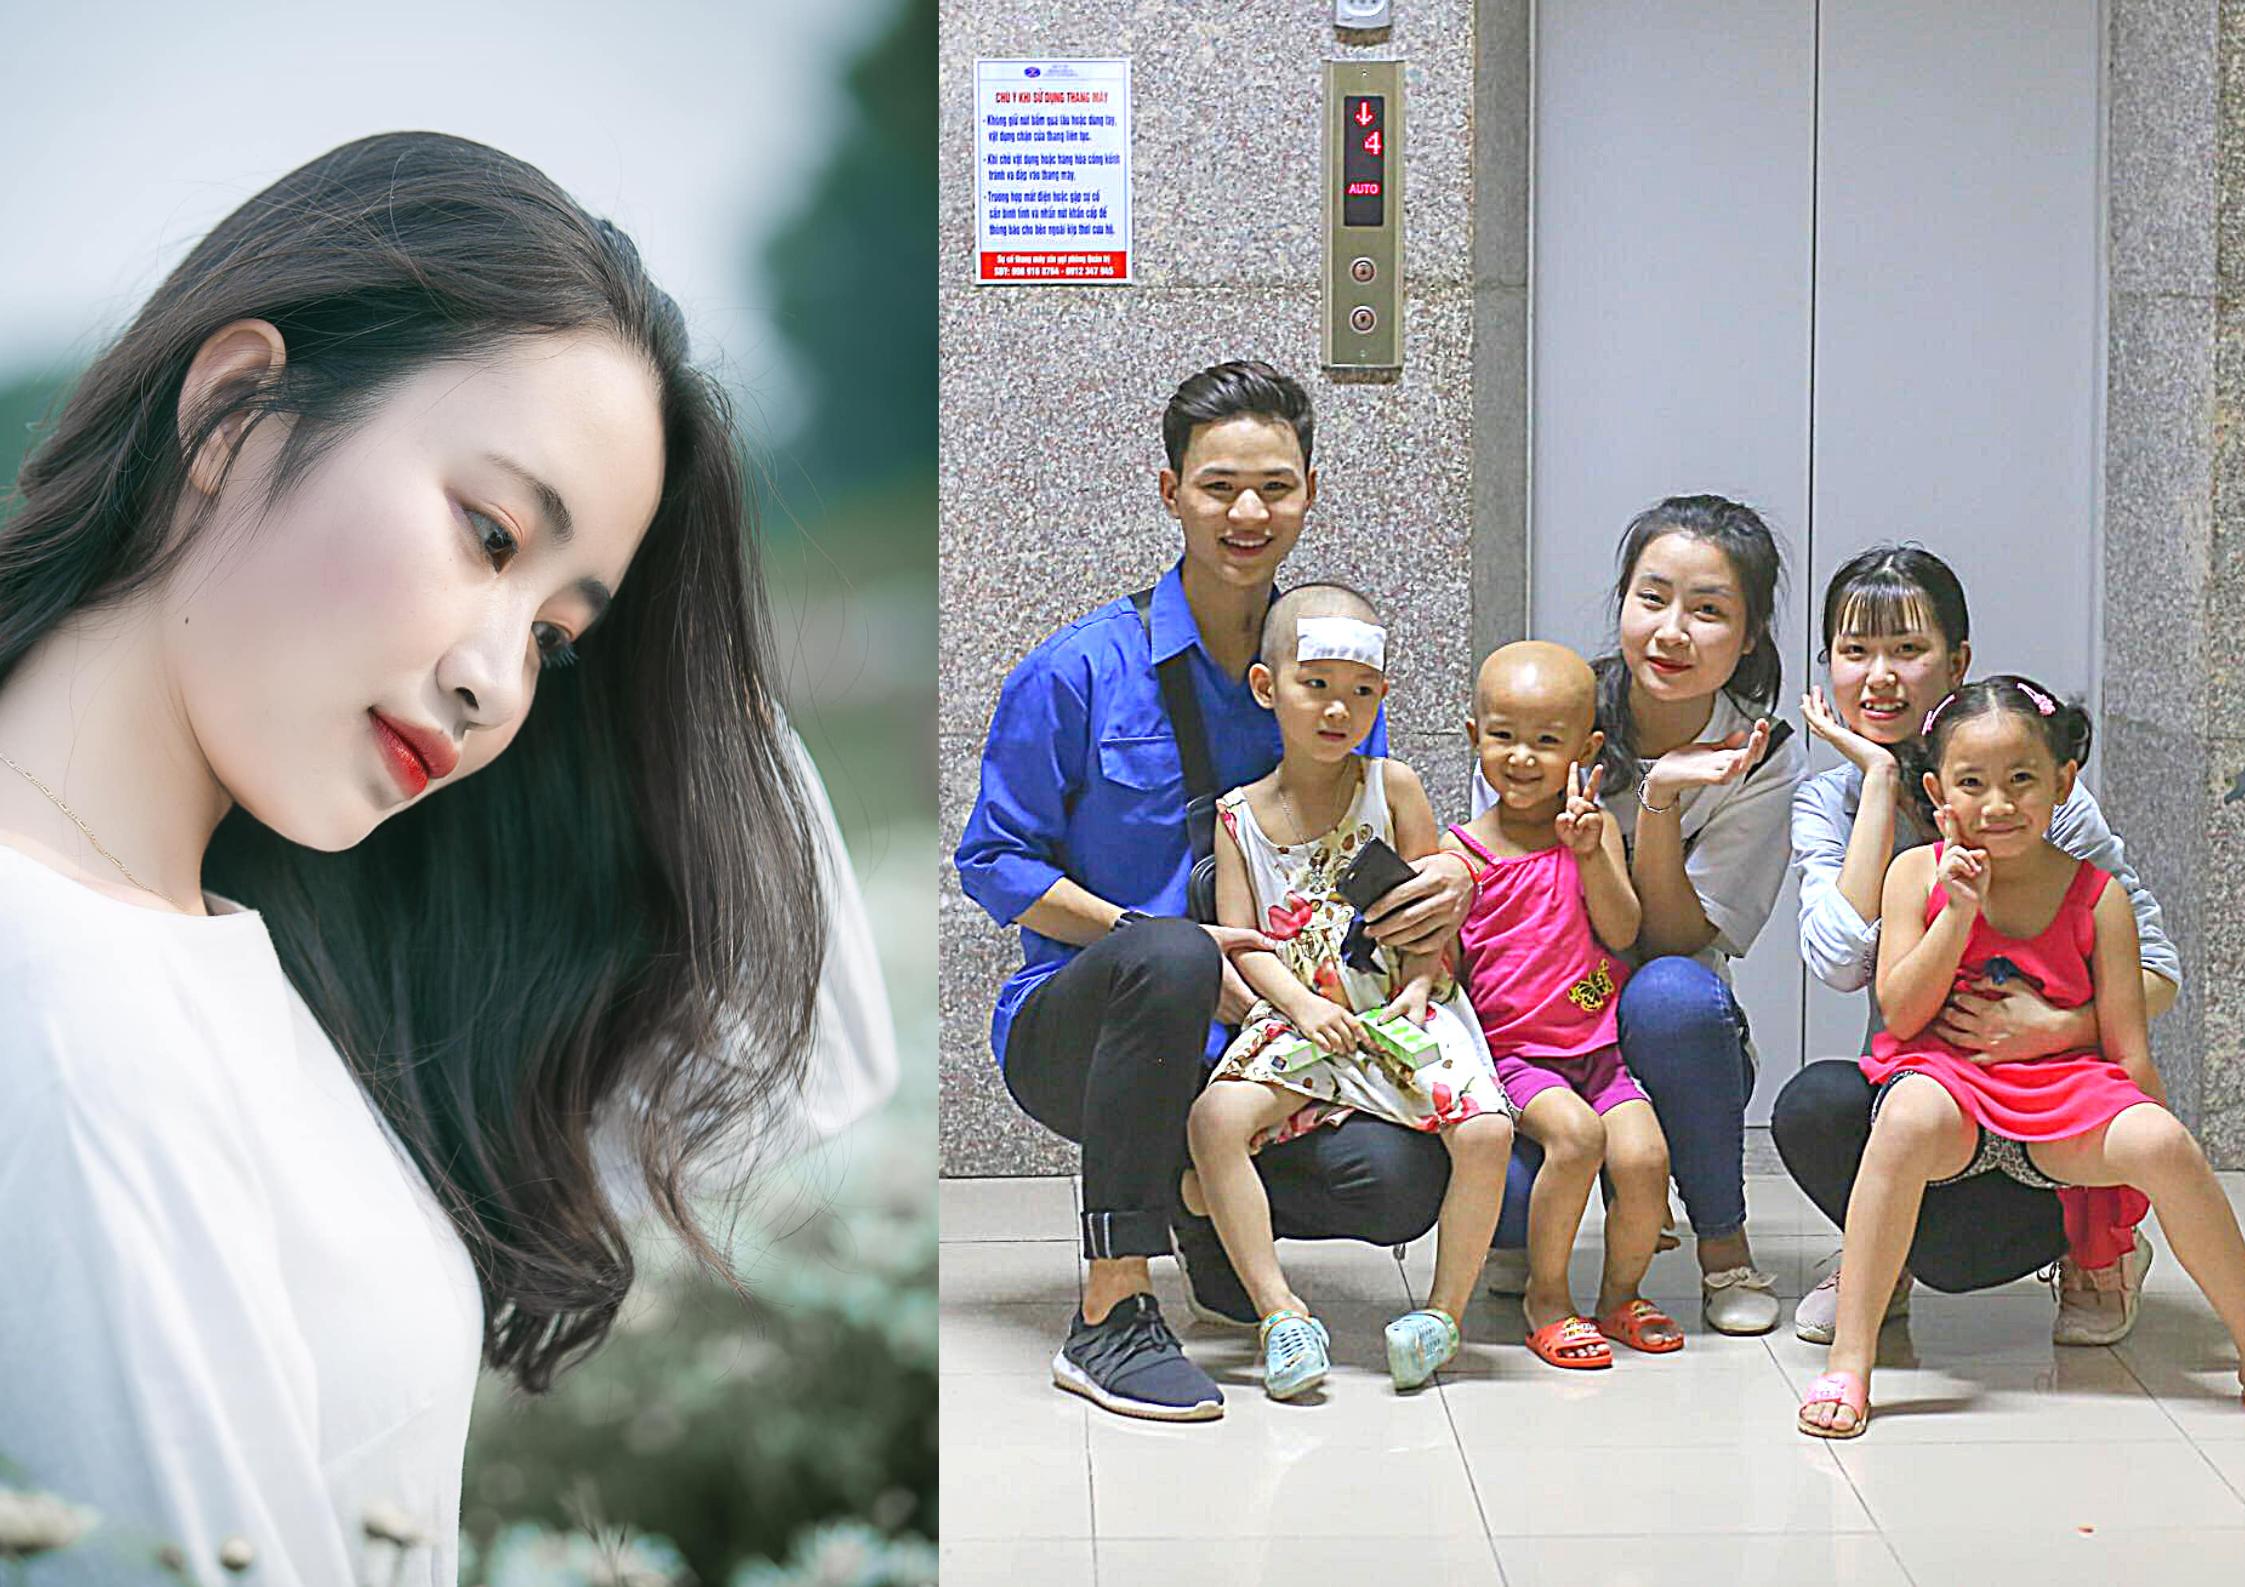 Cô gái 9X nghị lực vượt qua nỗi đau mồ côi, khuyết tật, trở thành dược sĩ xinh đẹp